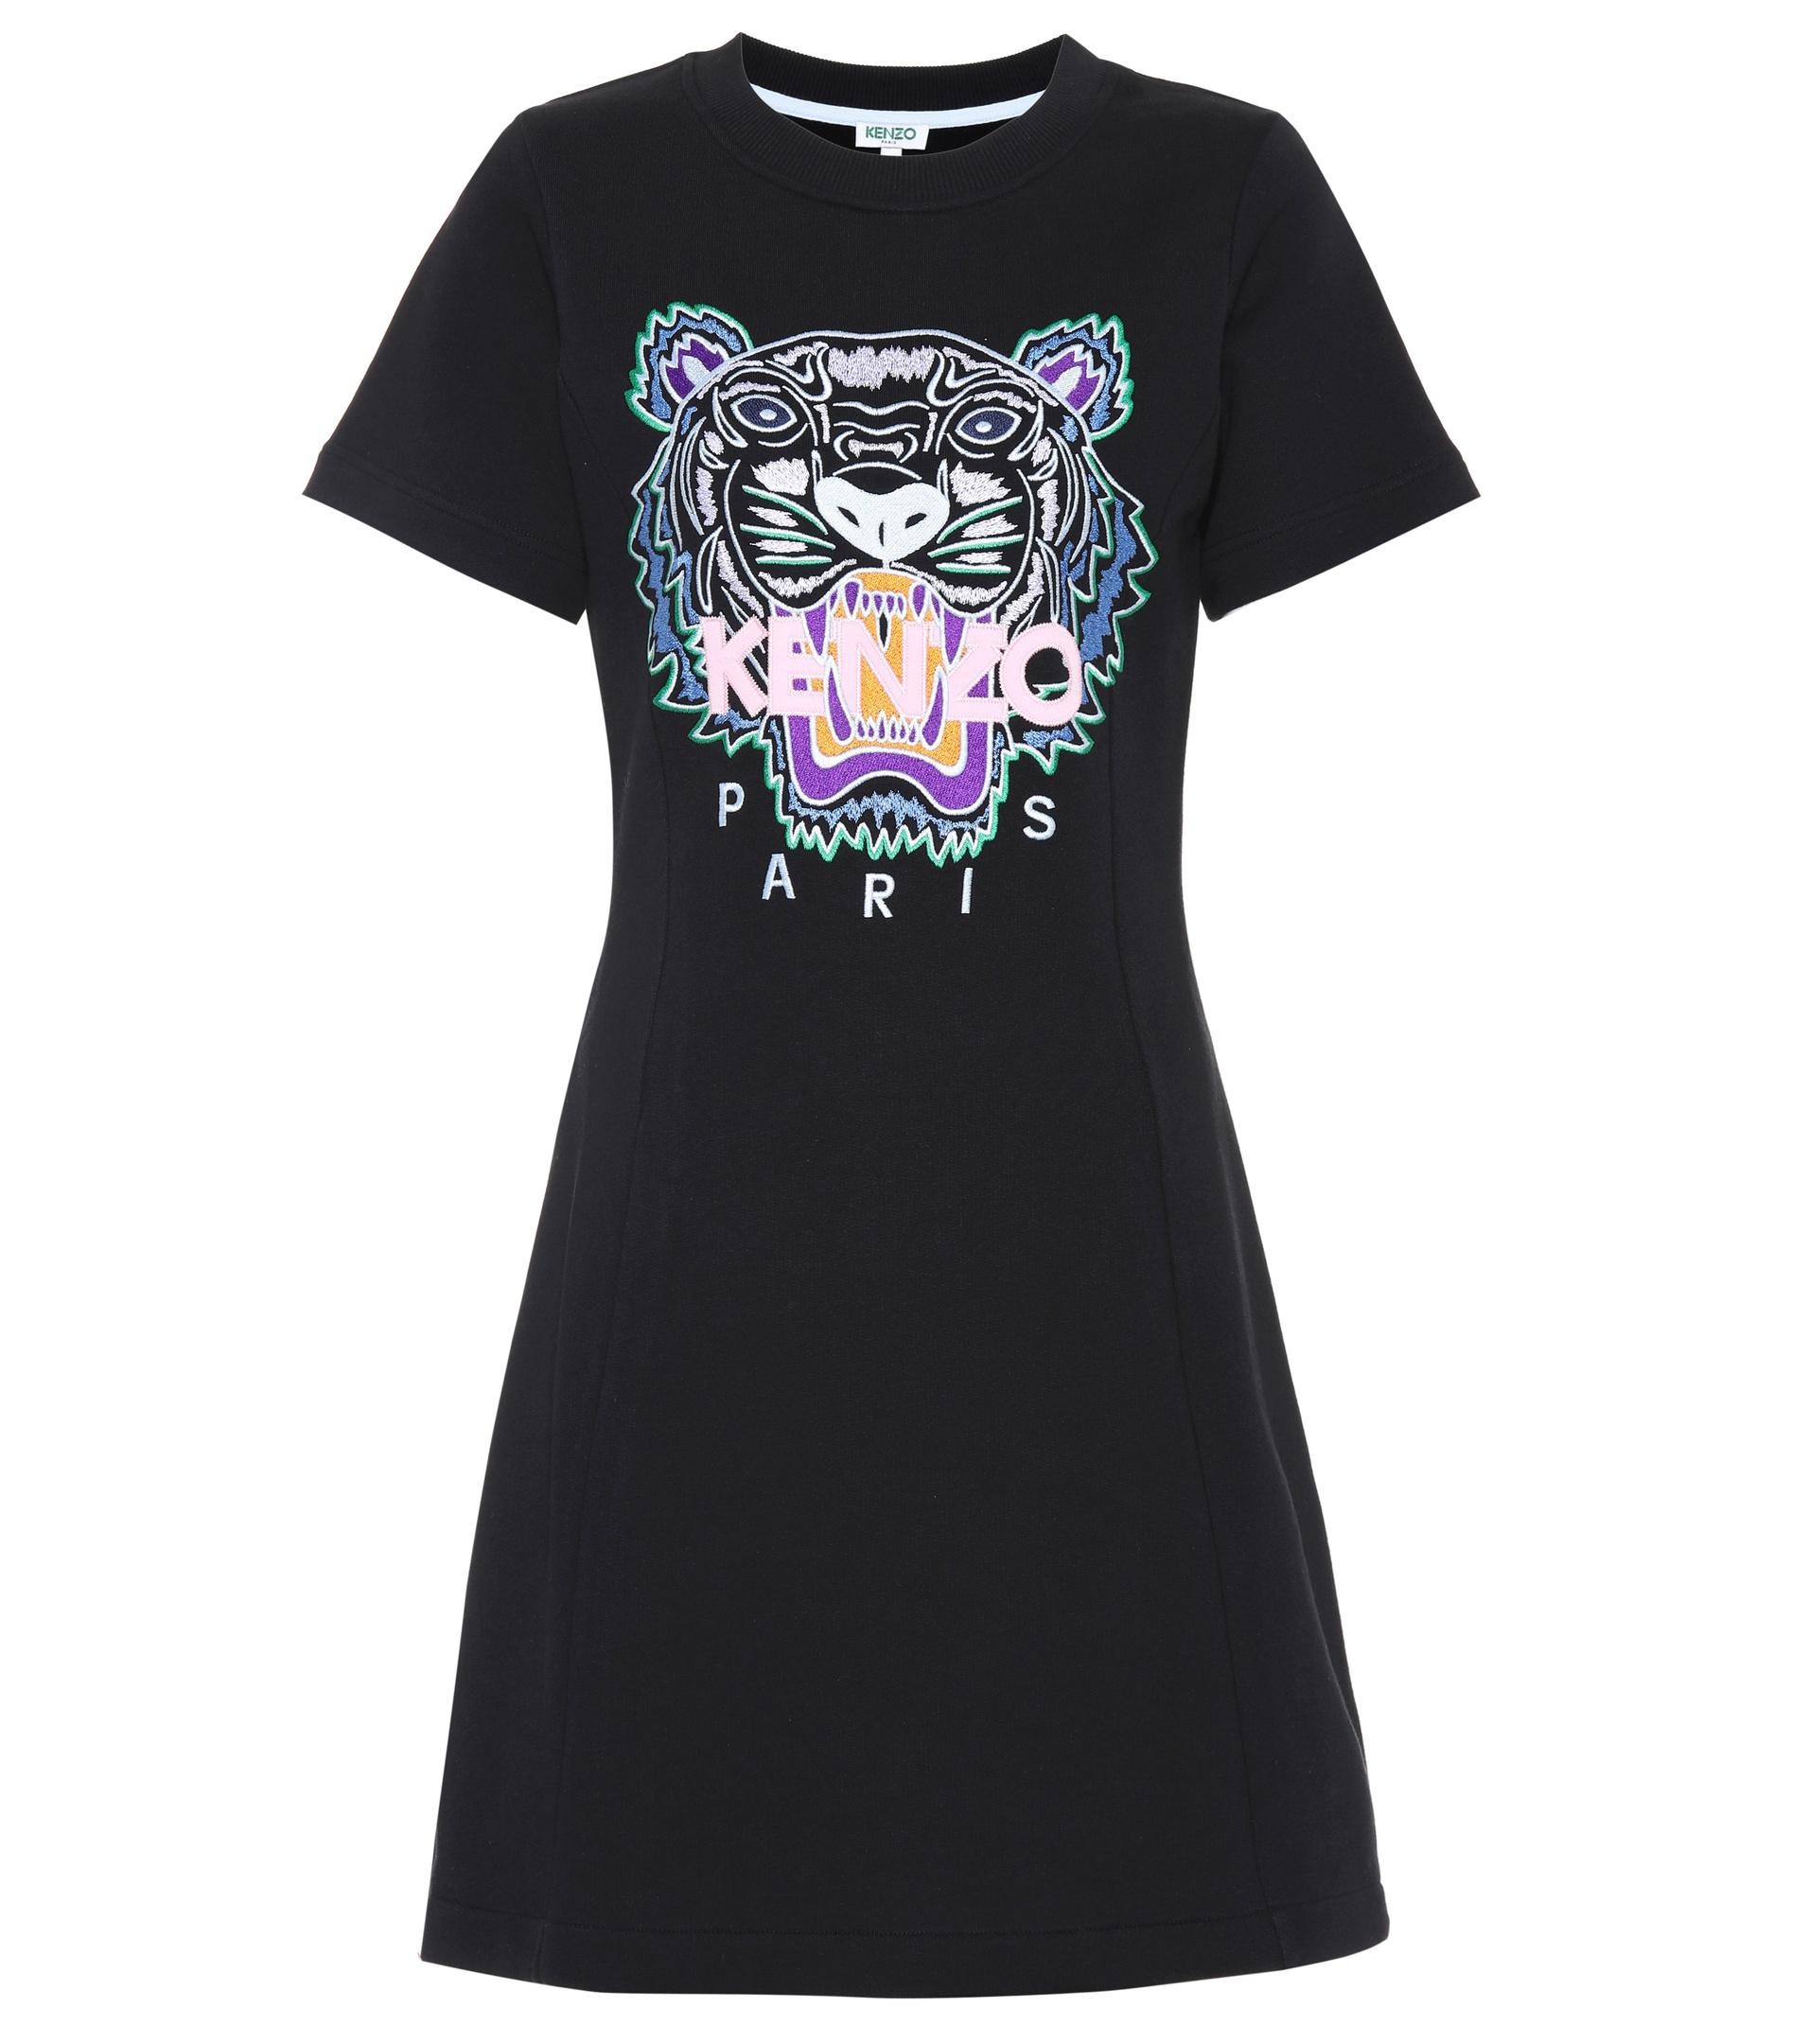 9de1c1aaf08a Lyst - Robe t-shirt en coton brodé KENZO en coloris Noir